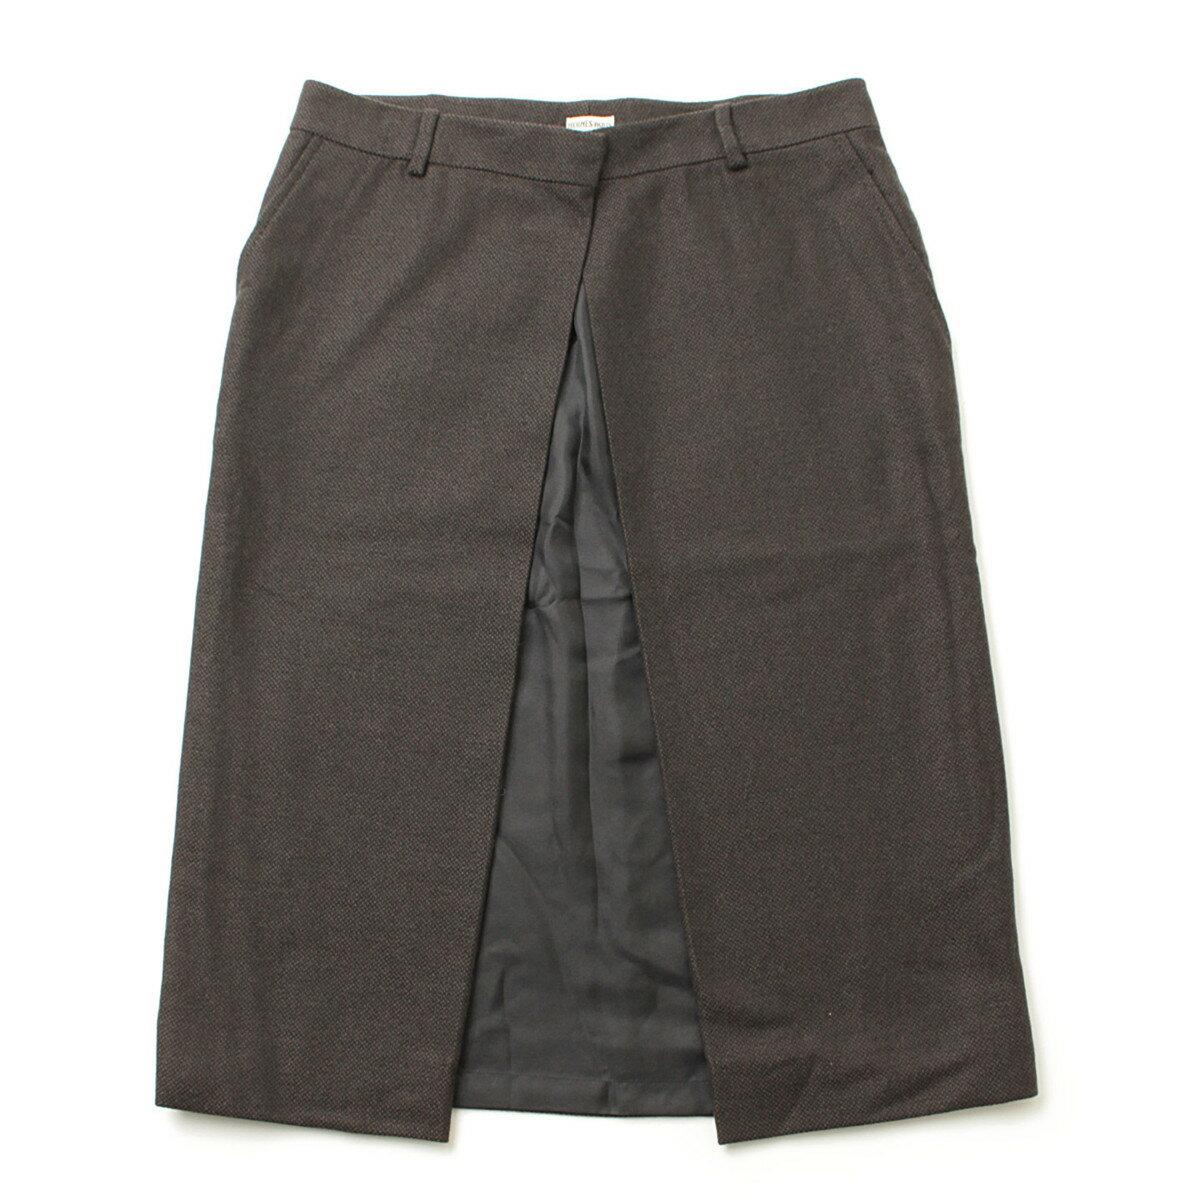 【エルメス】Hermes カシミヤ ラップ スカート ブラウン×グレー 38 【中古】【鑑定済・正規品保証】【送料無料】38632